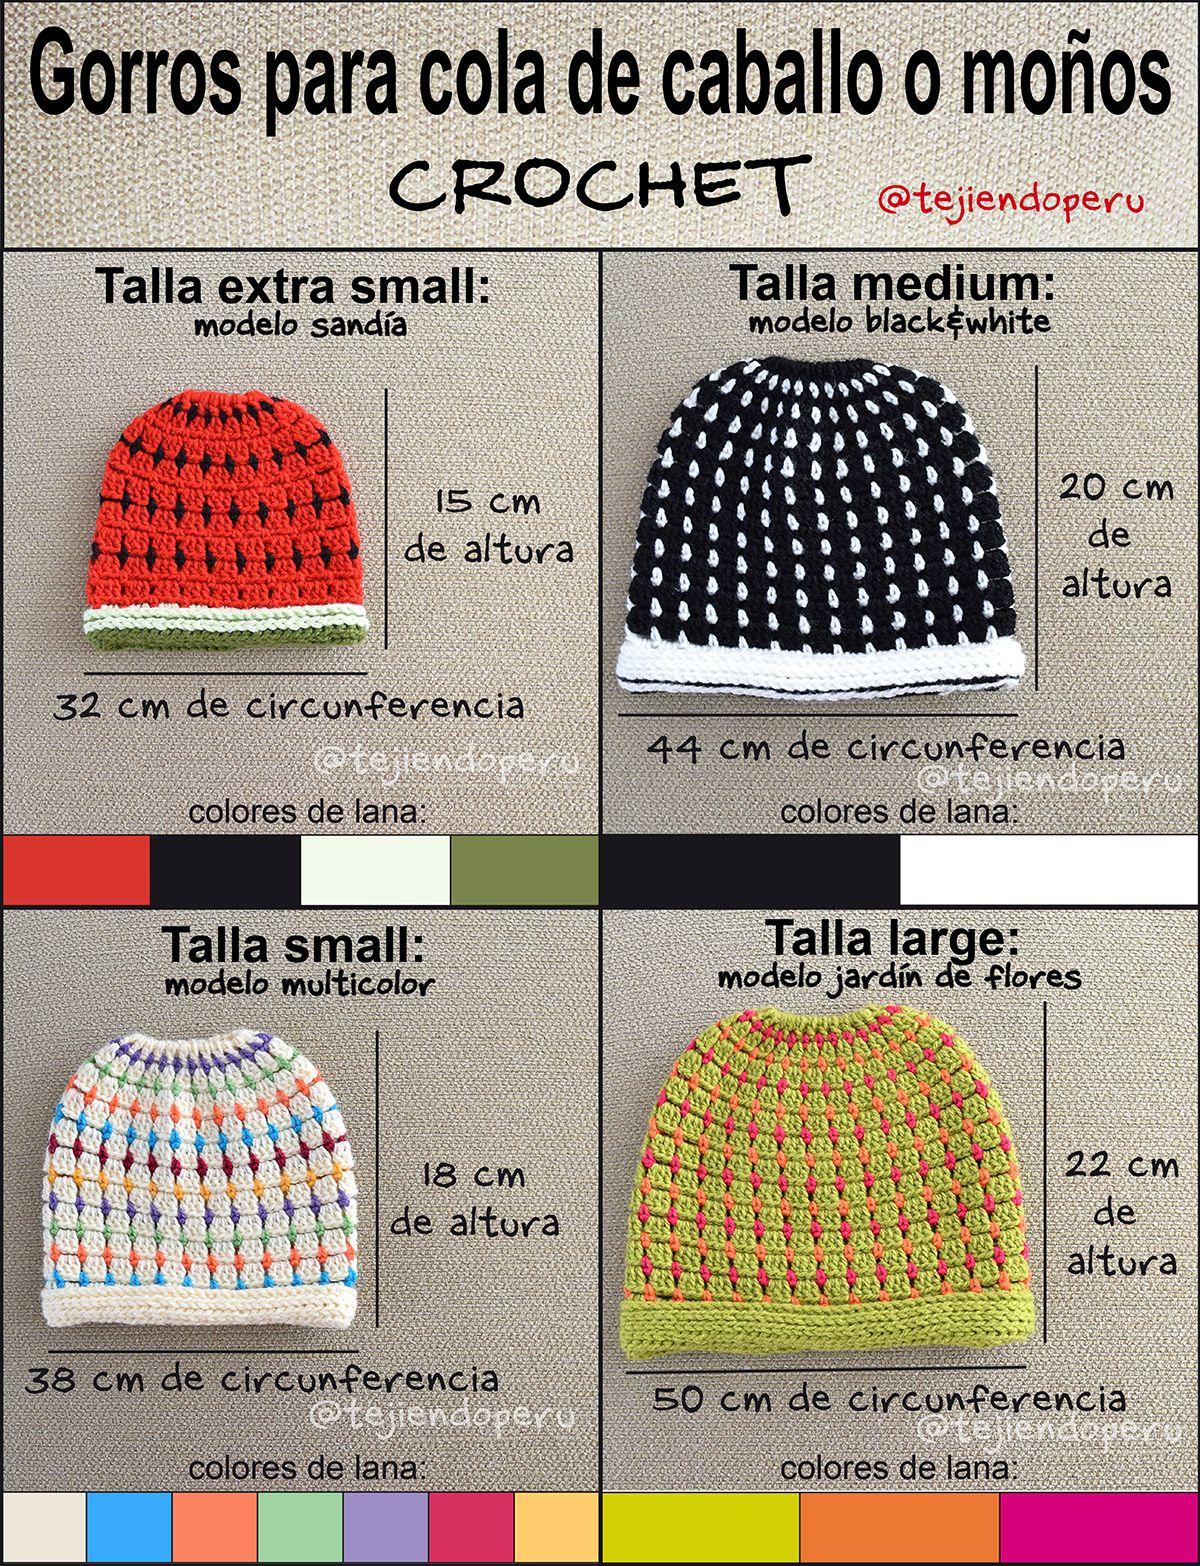 Crochet: gorros para cola de caballo o moño tejidos a crochet paso a ...